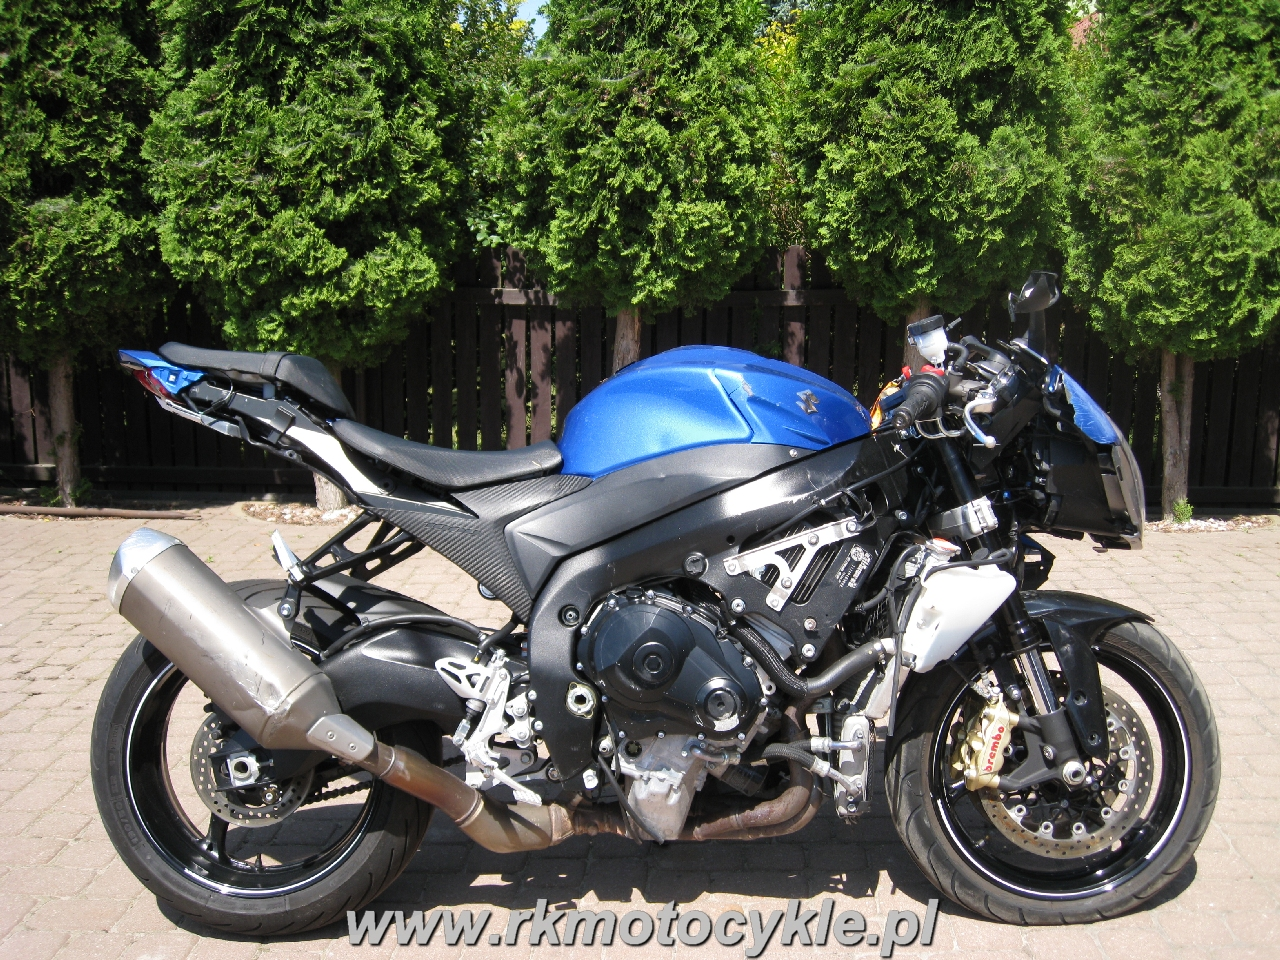 Rk Motocykle Suzuki Gsxr 1000 L4 Gsx R 1000 K9 L0 L1 L2